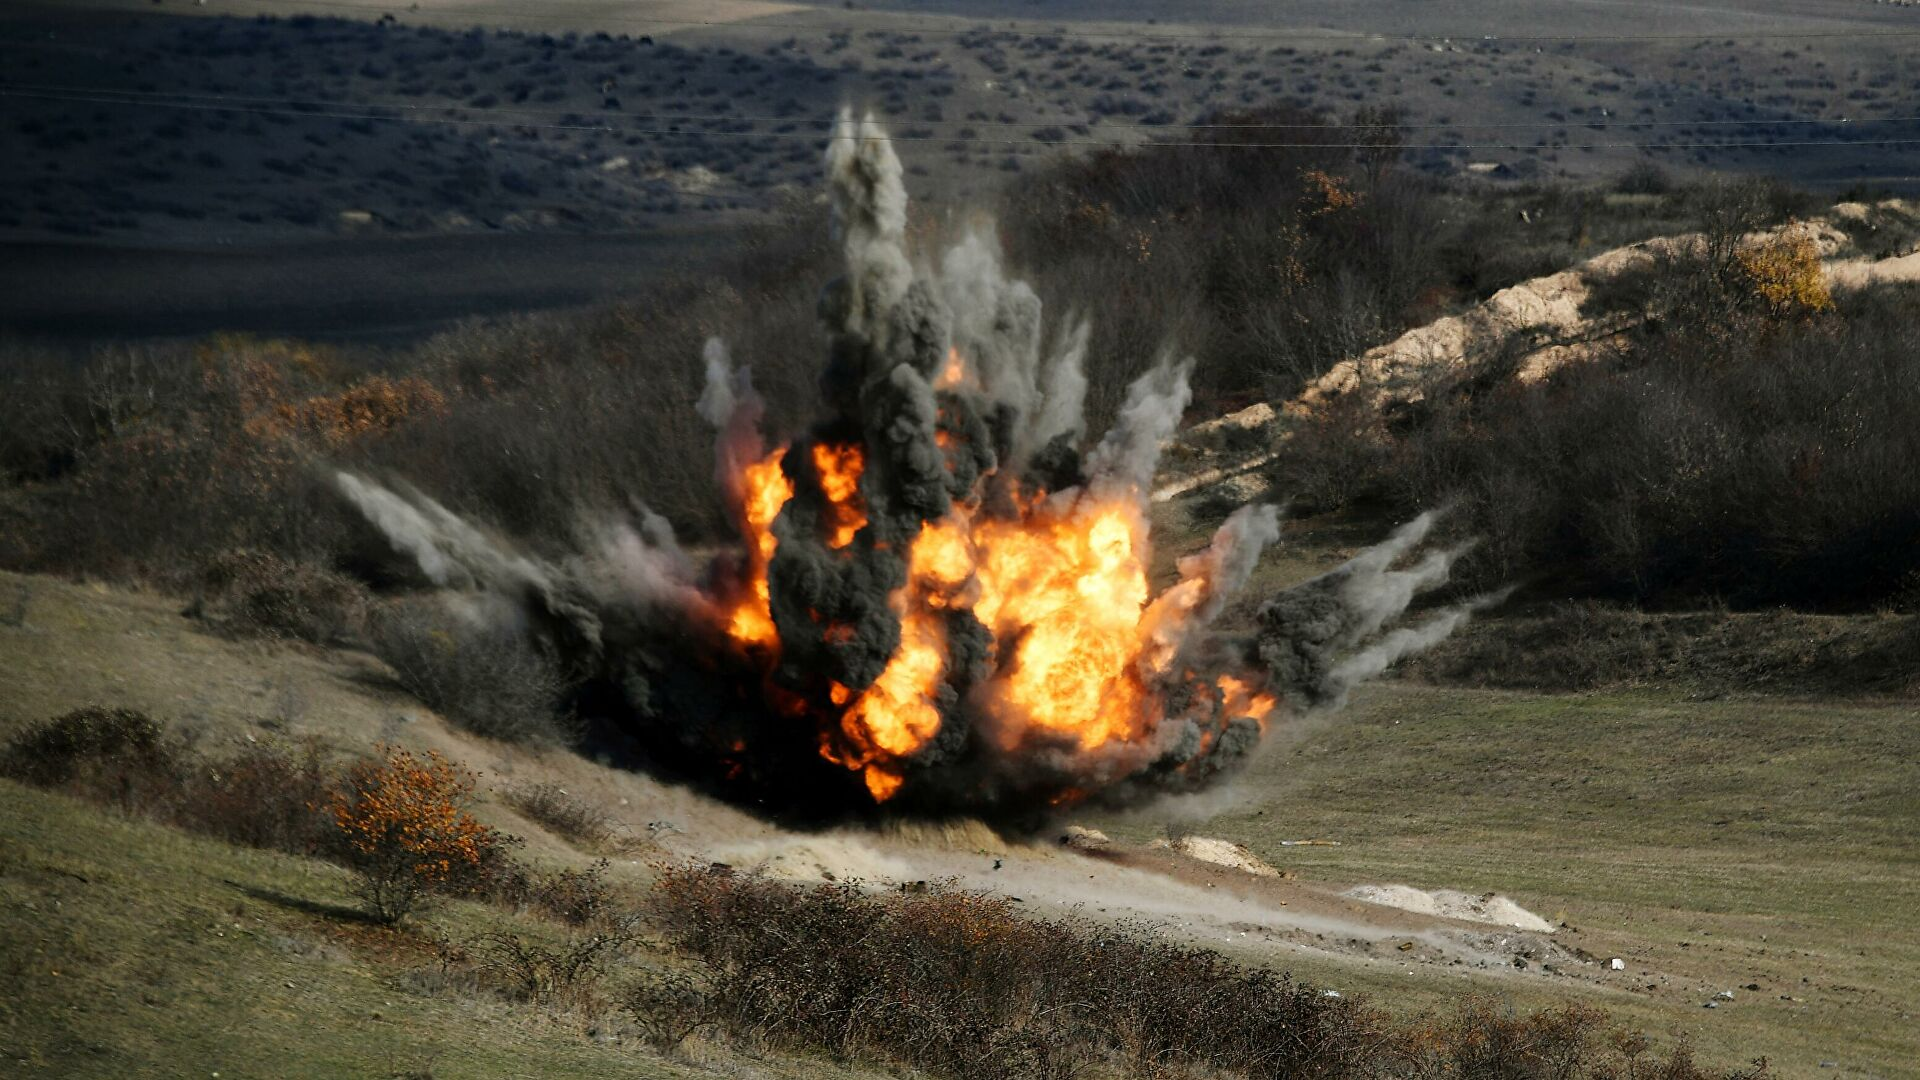 Руске мировне снаге у Нагорно Карабаху настављају са деминирањем и враћању цивилне инфраструктуре у нормални режим рада